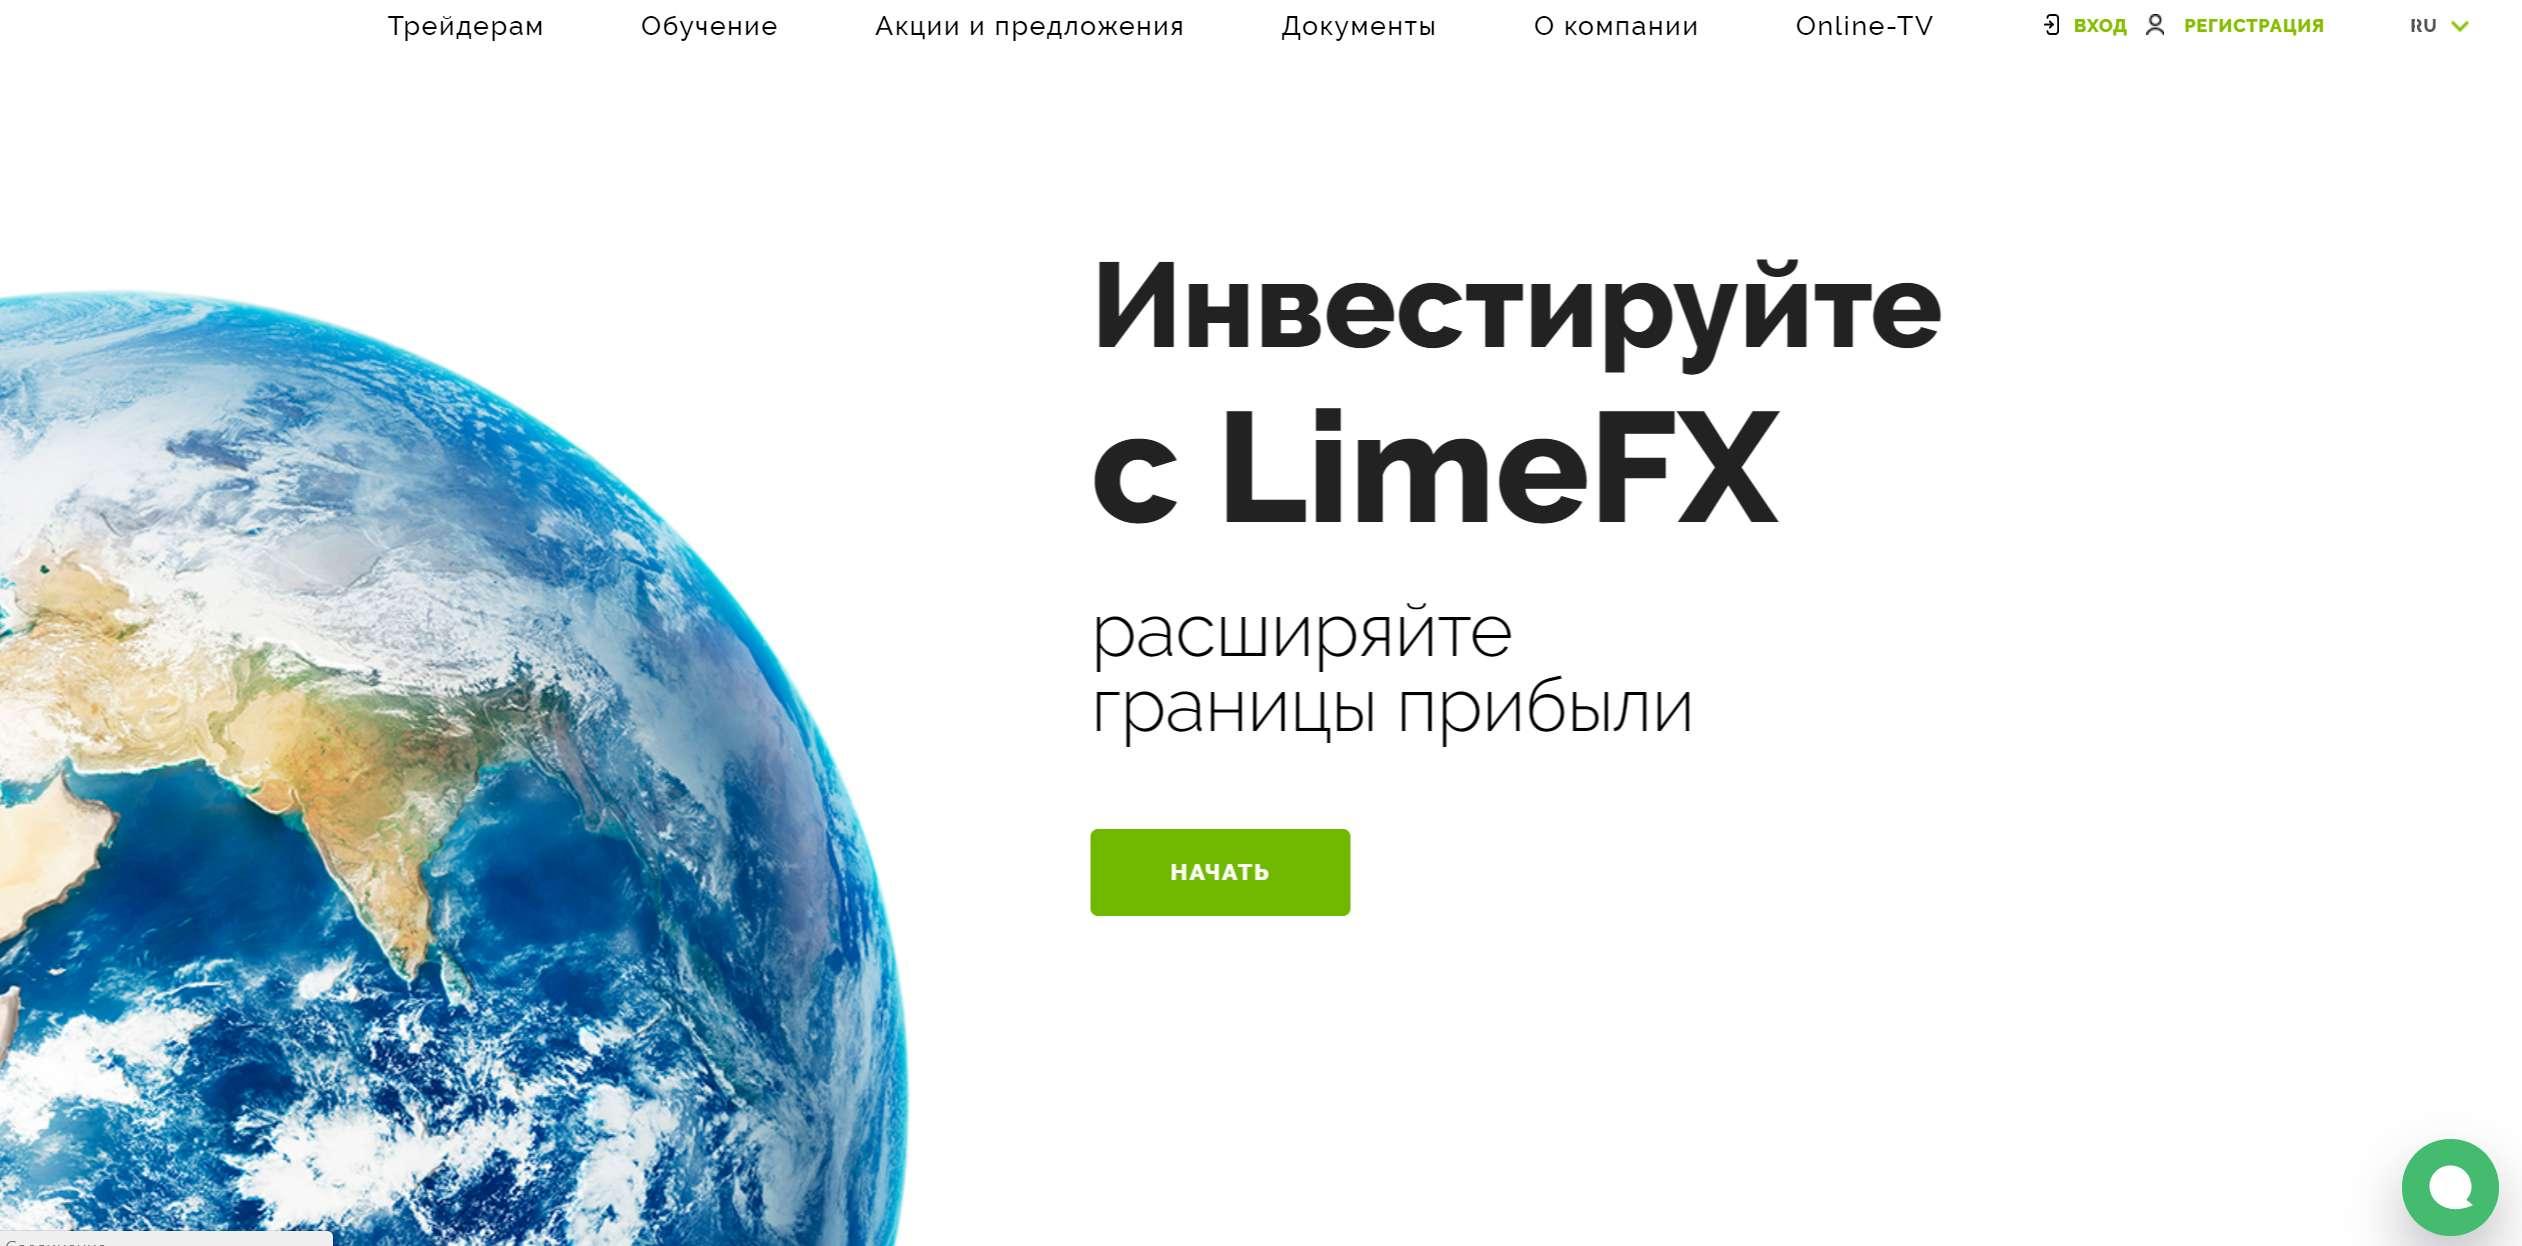 Псевдоброкер LimeFx/ Снова отзывы и обзор очередного лжеброкера.